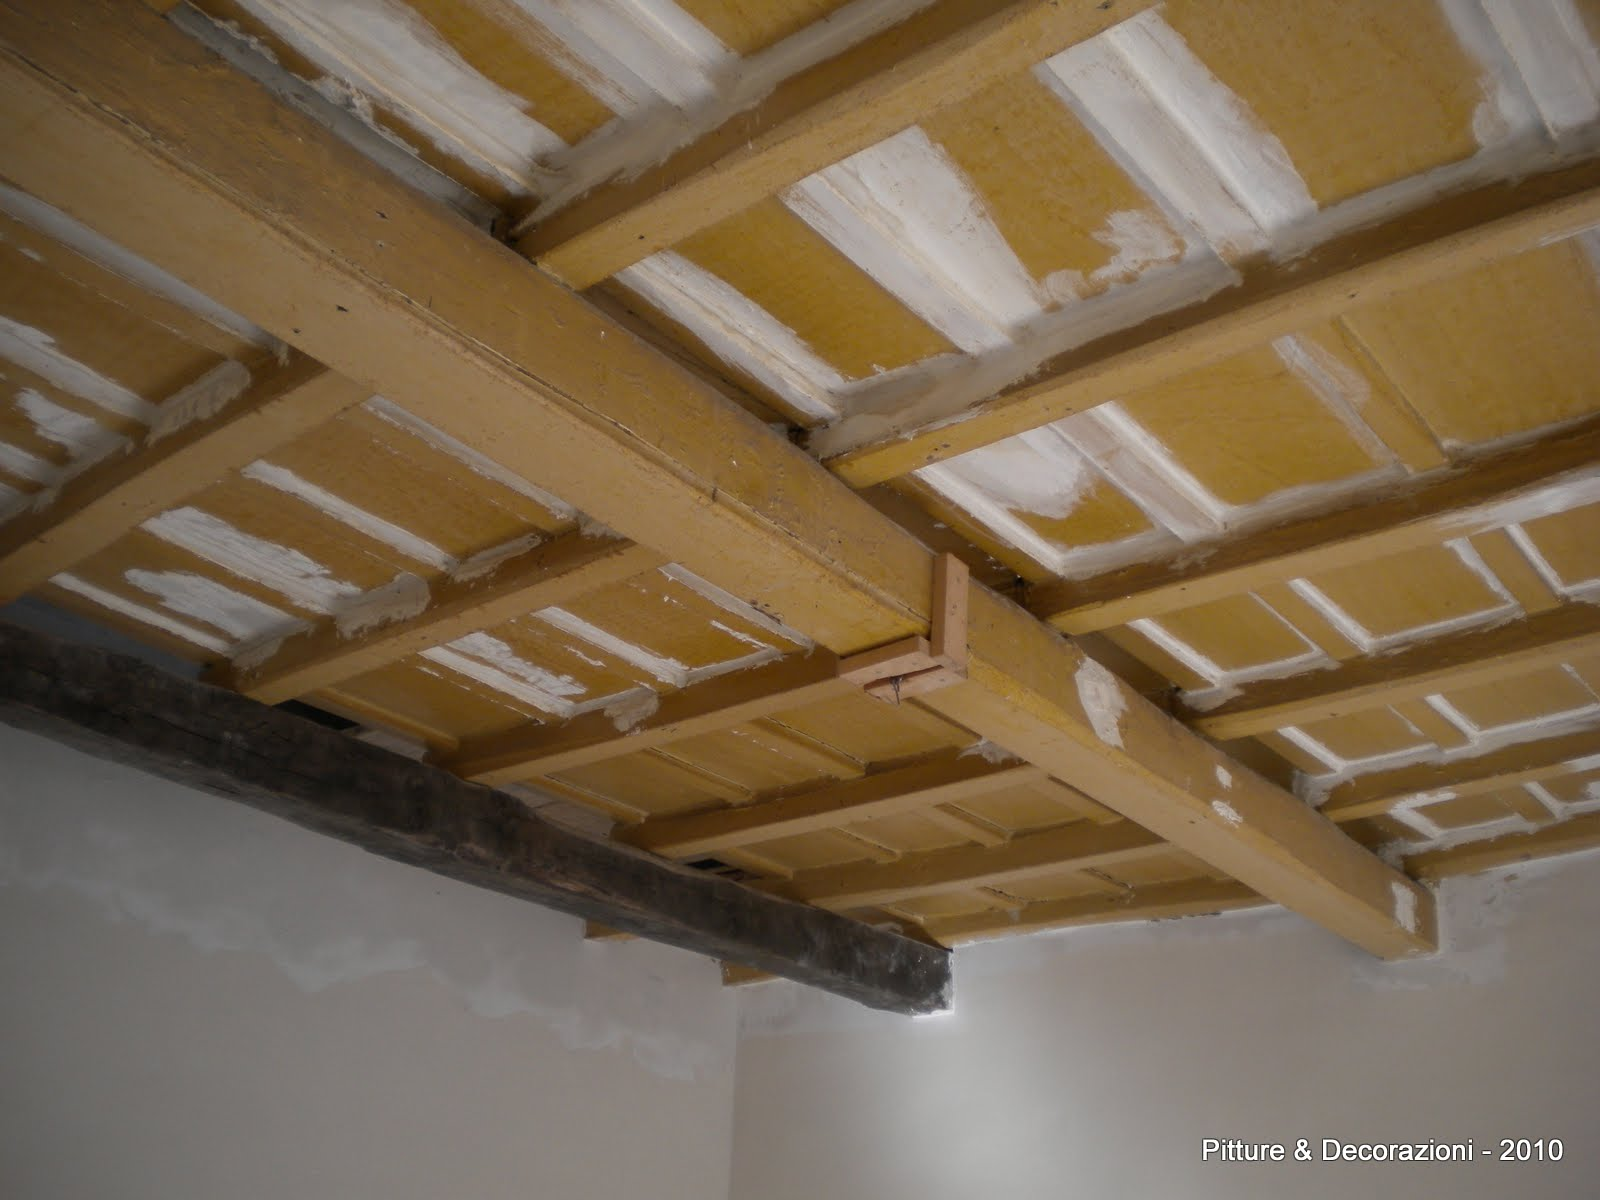 Soffitti A Volta Decorazioni : Idee ispirate al soffitto a volta nel design degli interni tipi